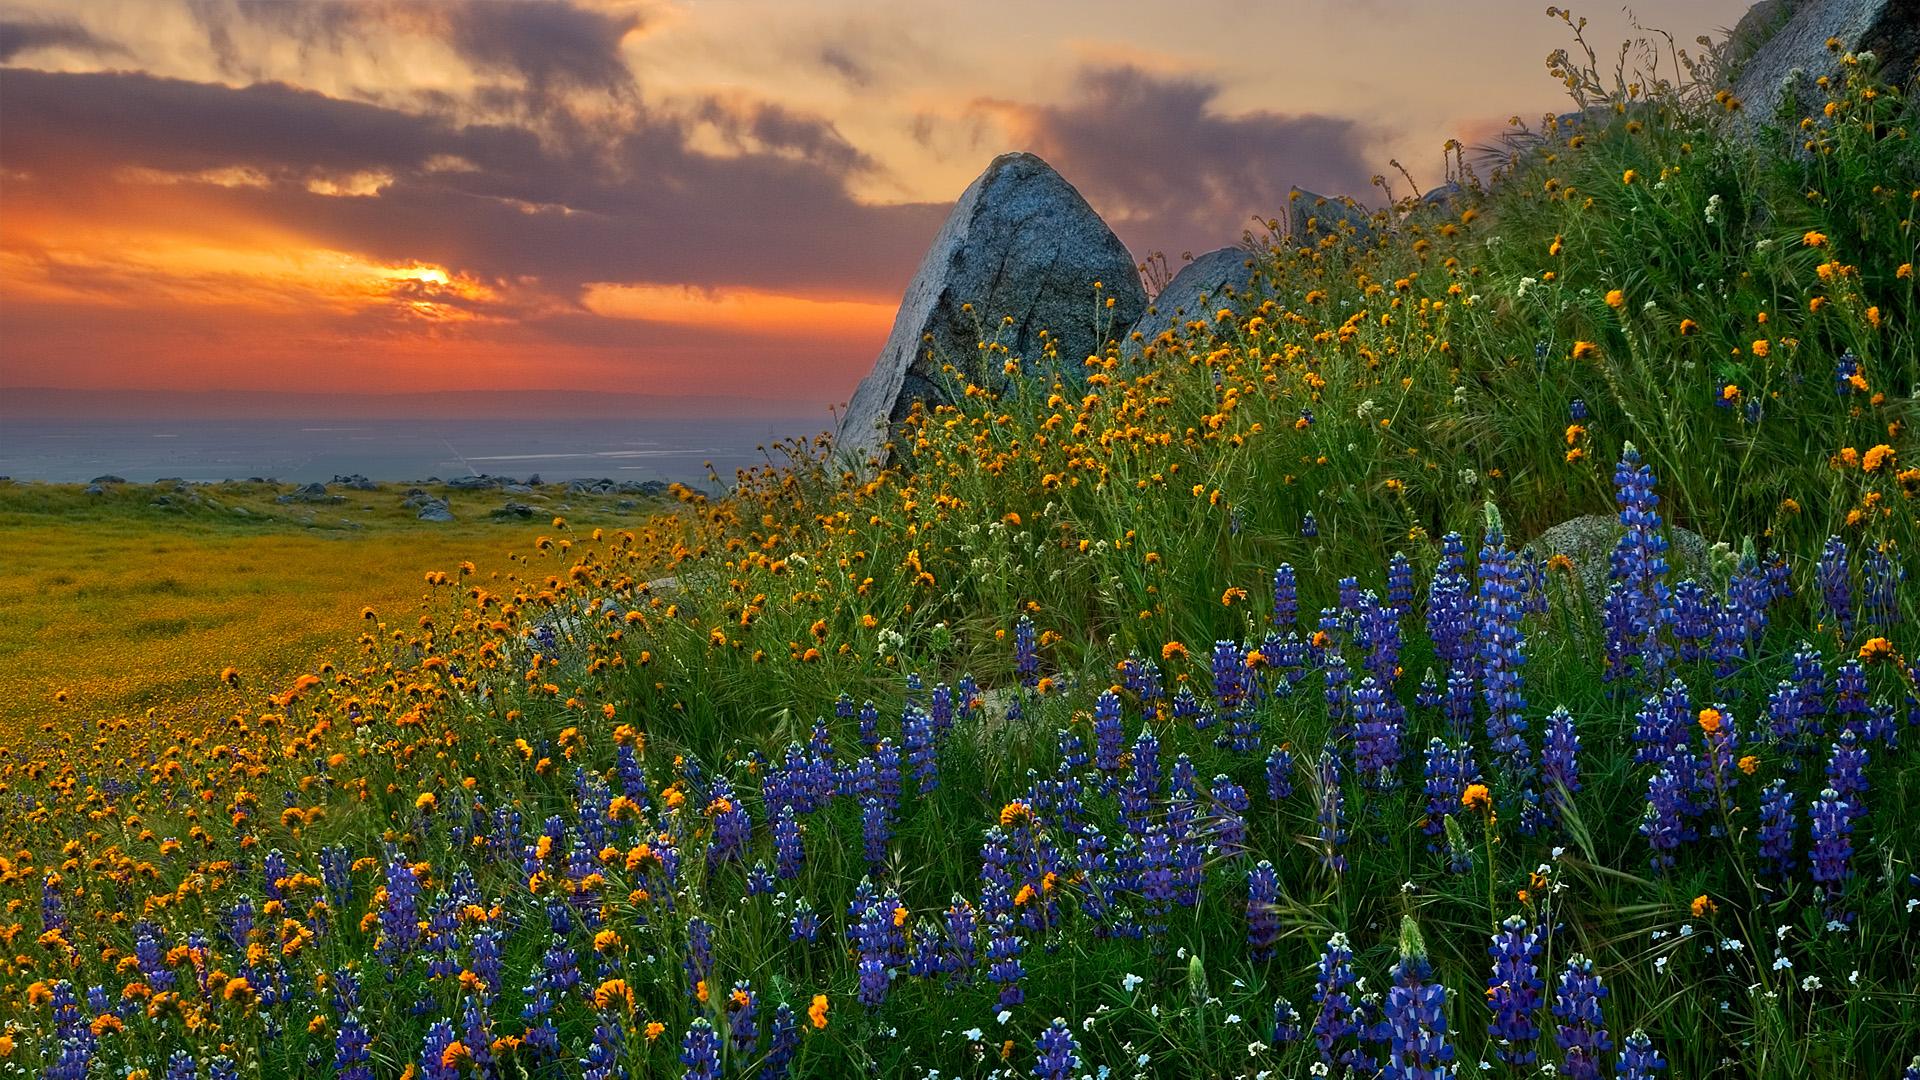 Landscape Wallpapers   Twilight Field Of Flowers Hd Wallpapers 1920x1080